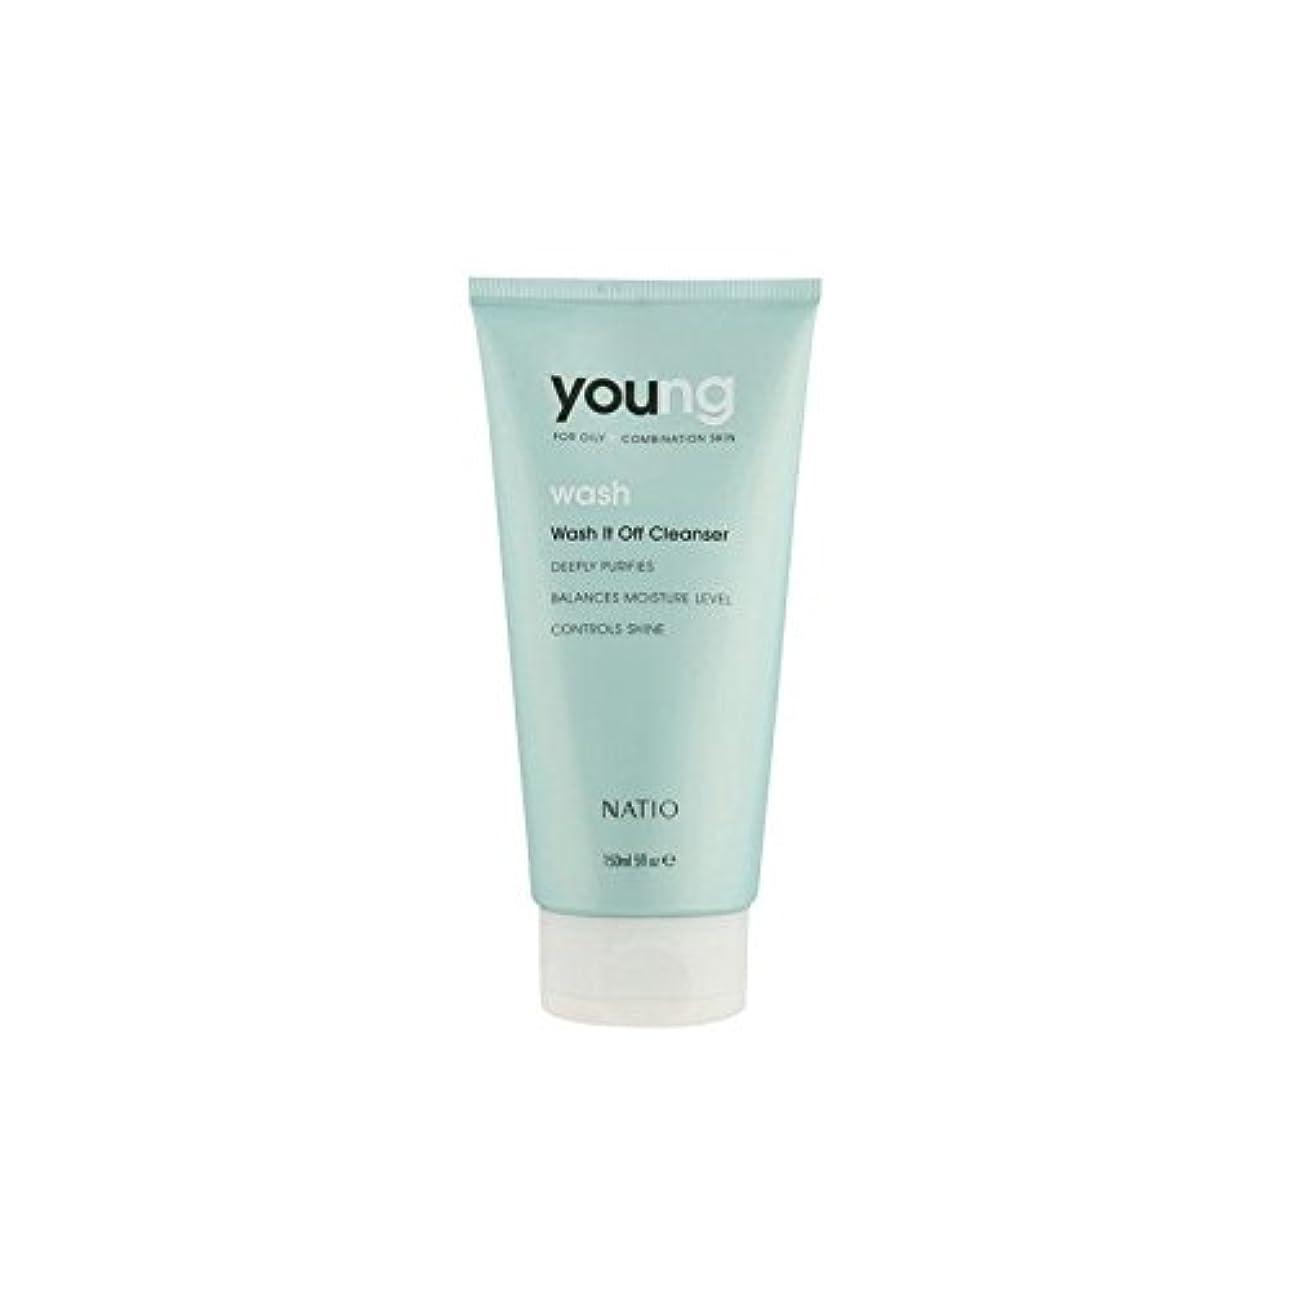 の量スクラッチ余暇Natio Young Wash It Off Cleanser (150ml) (Pack of 6) - 若いウォッシュそれオフクレンザー(150ミリリットル) x6 [並行輸入品]